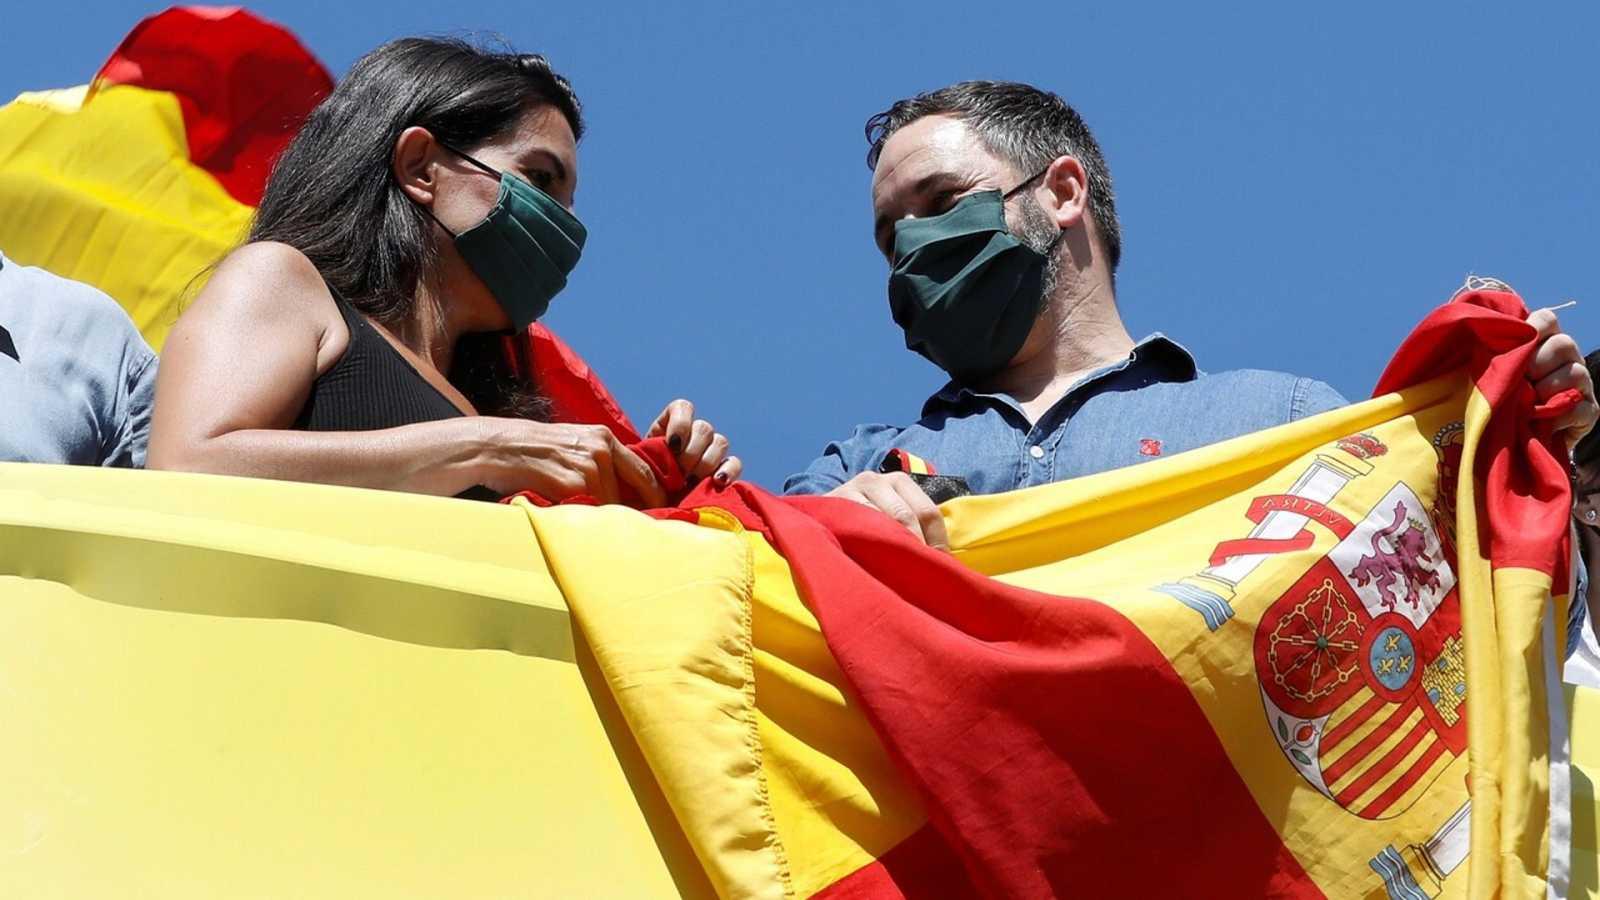 14 horas fin de semana - Abascal llama a los ciudadanos a mantener la tensión en las calles - Escuchar ahora